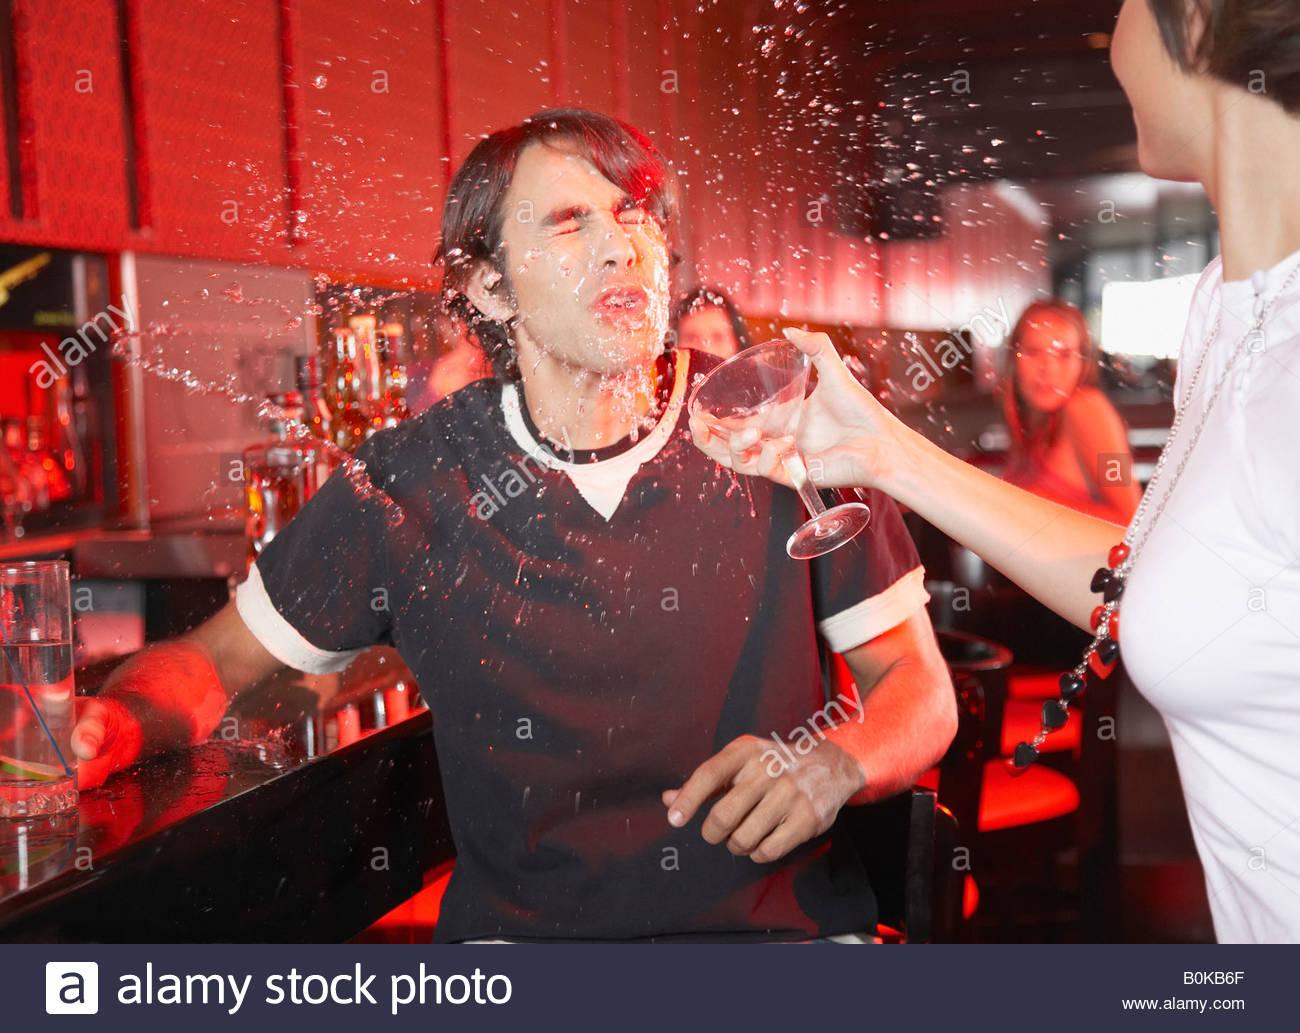 Donna in discoteca gettando la bevanda nel il volto dell'uomo Immagini Stock